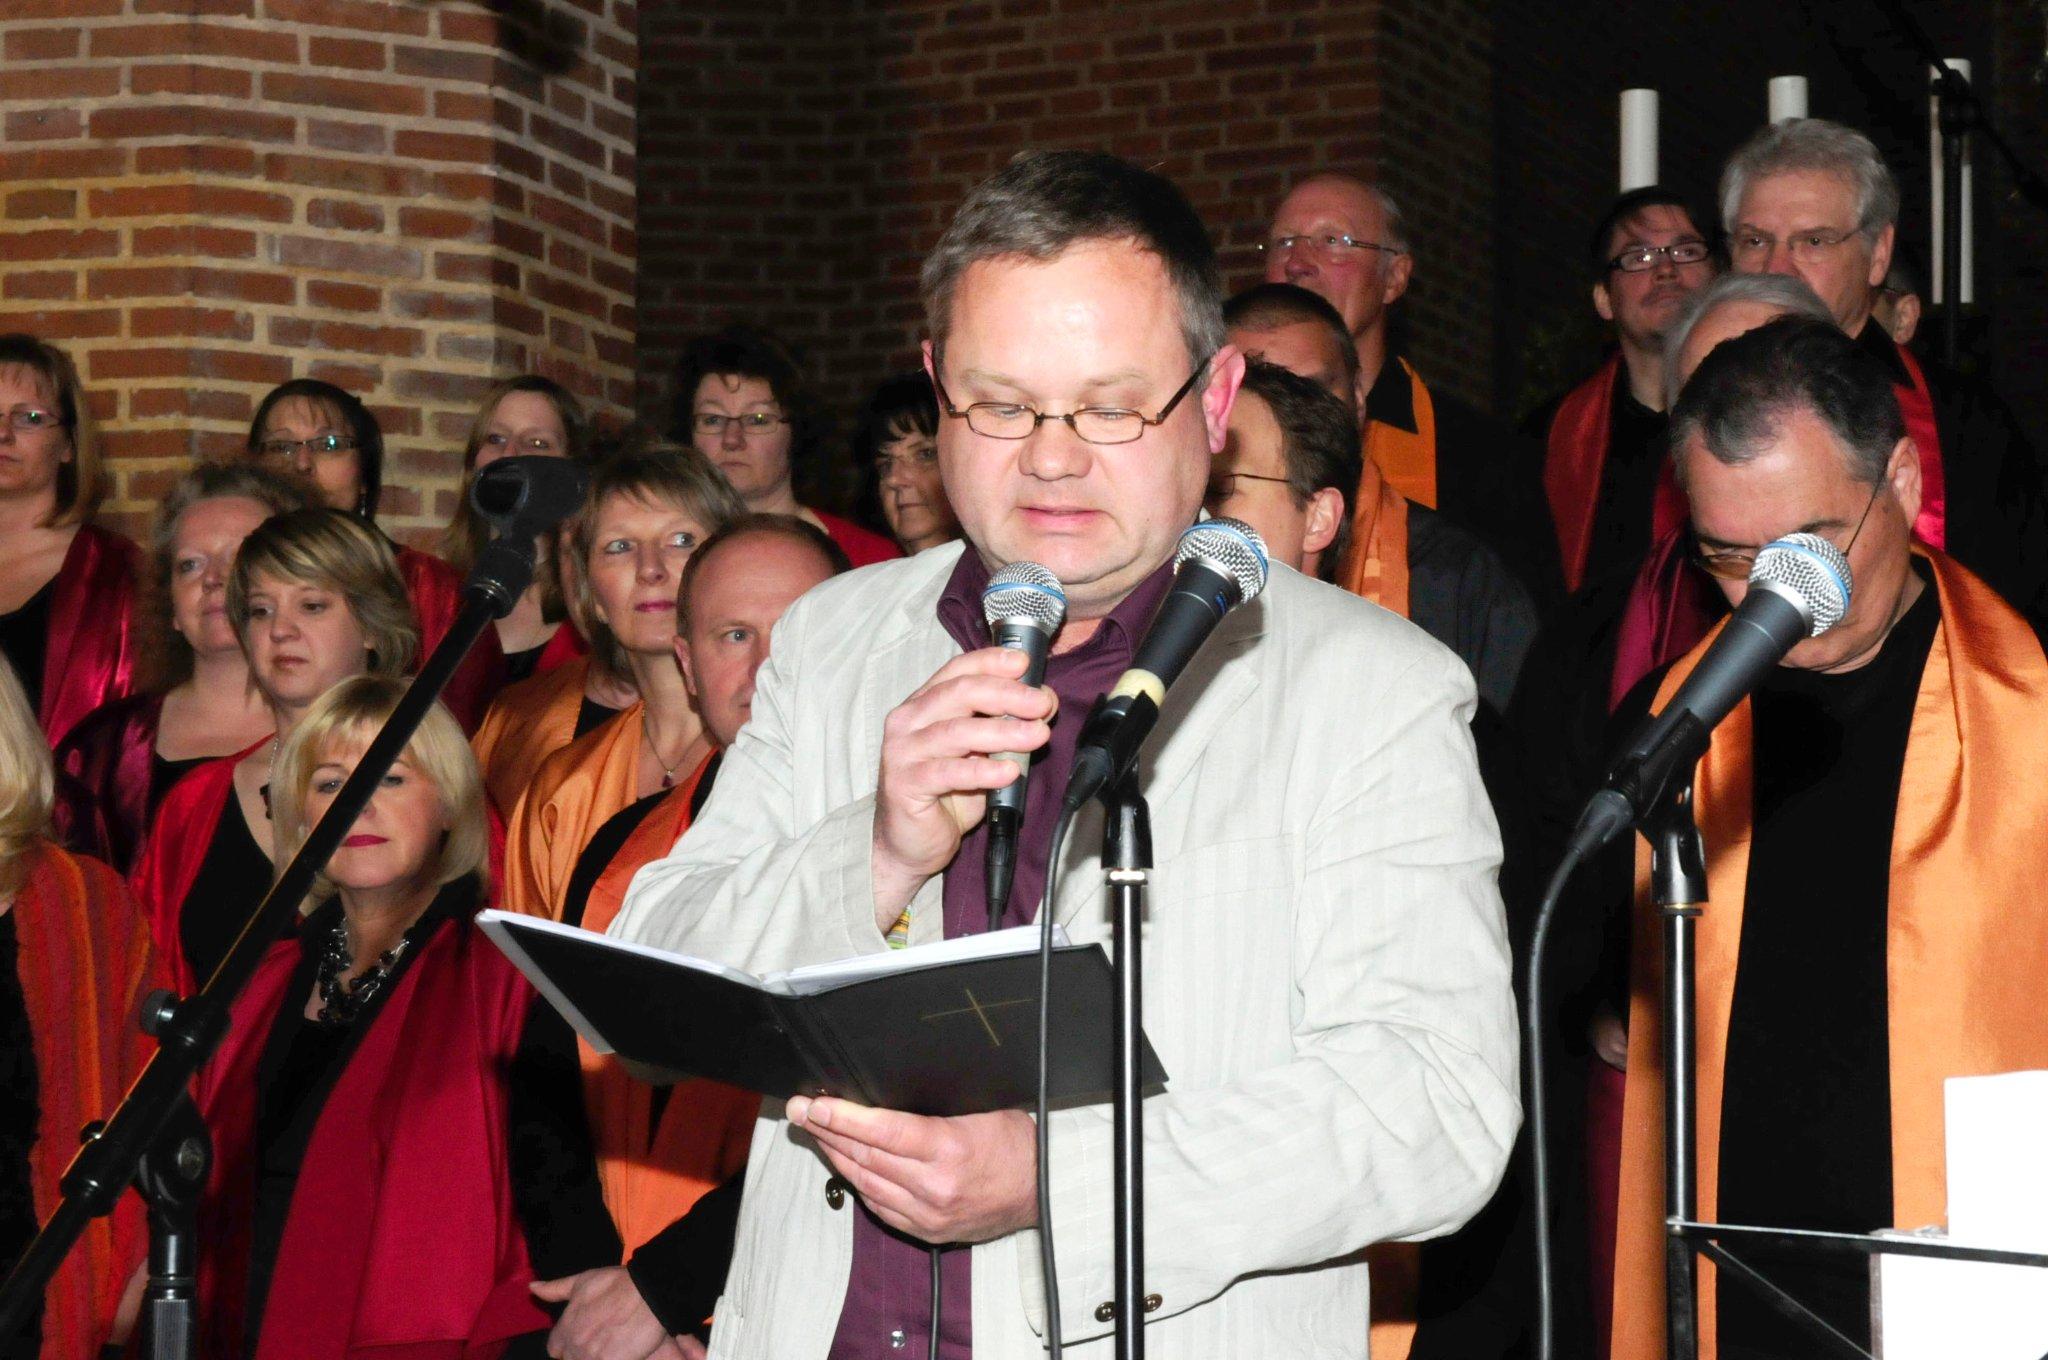 20120422 Reformations Gedaechtniskirche 034